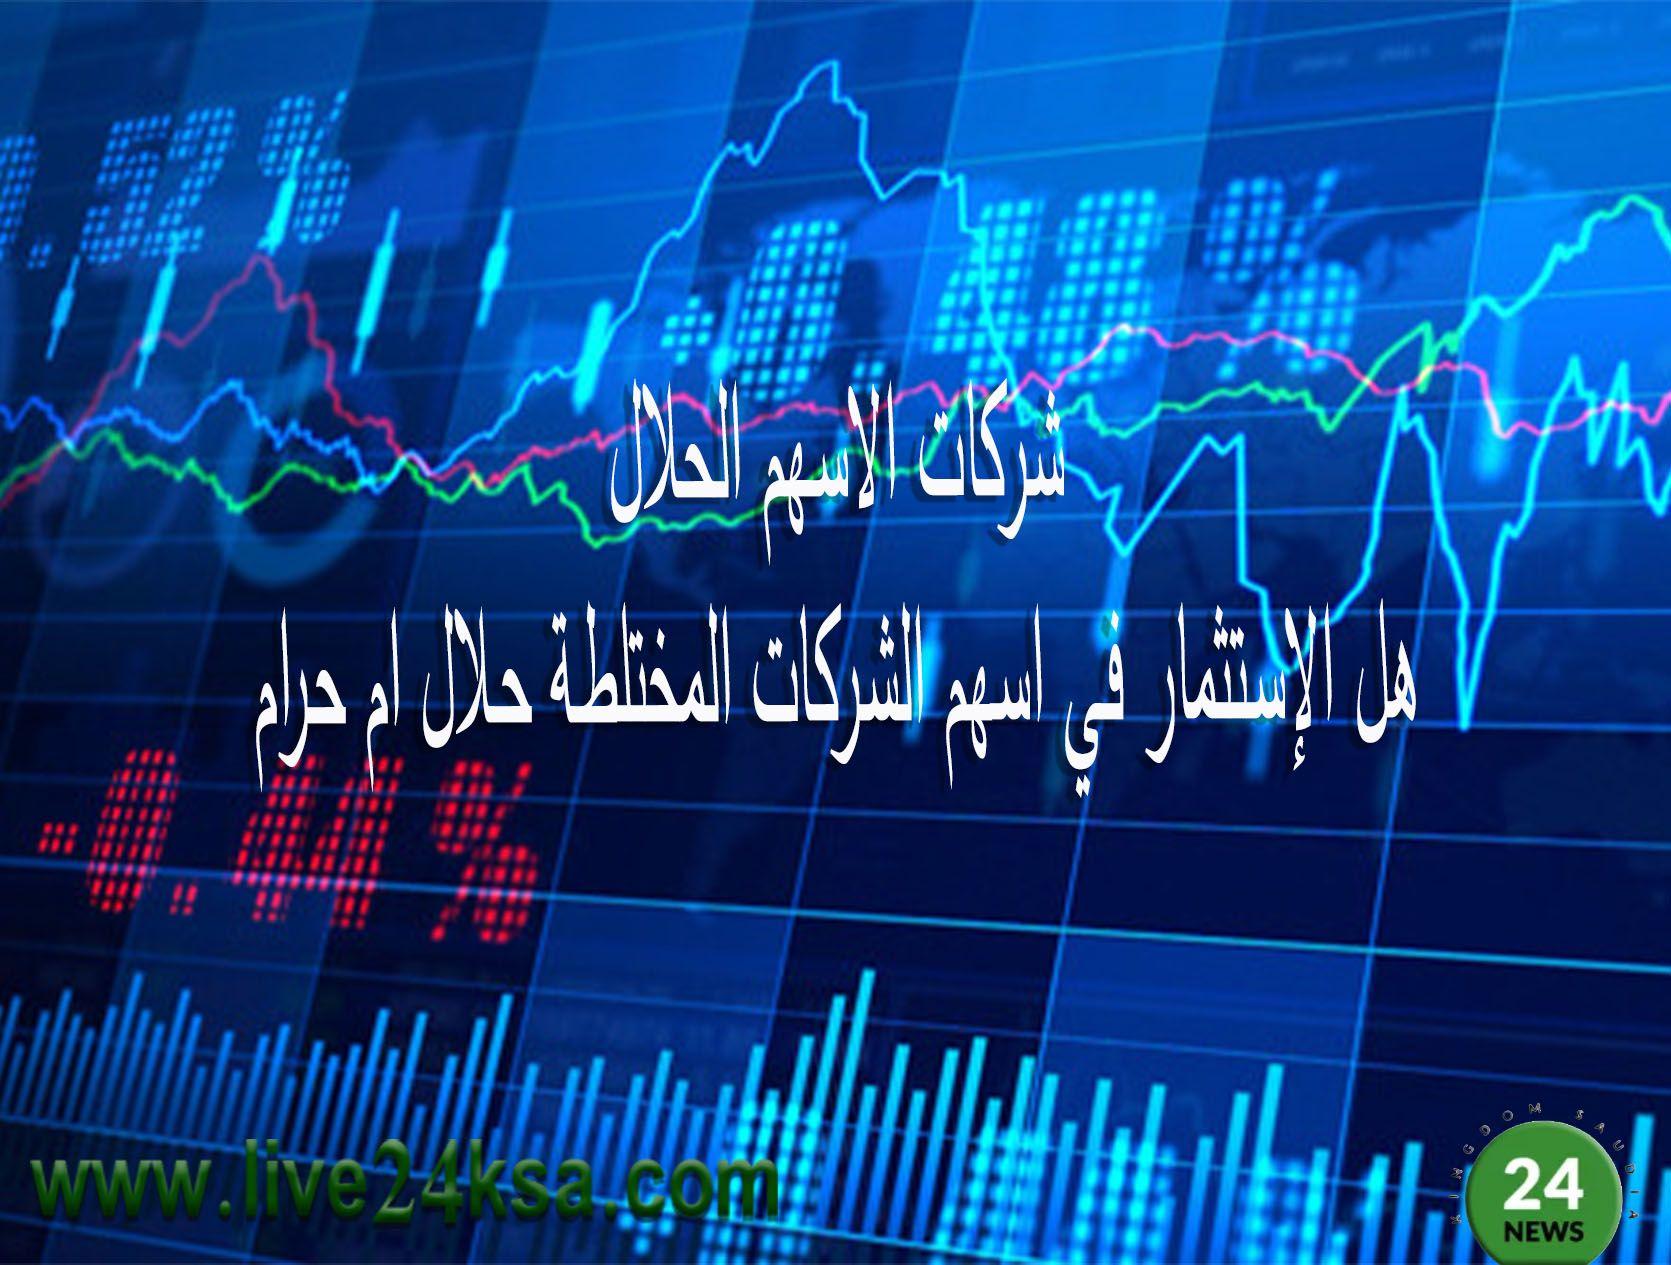 شركات الاسهم الحلال هل الإستثمار في اسهم الشركات المختلطة حلال ام حرام Neon Signs Blog Posts Blog